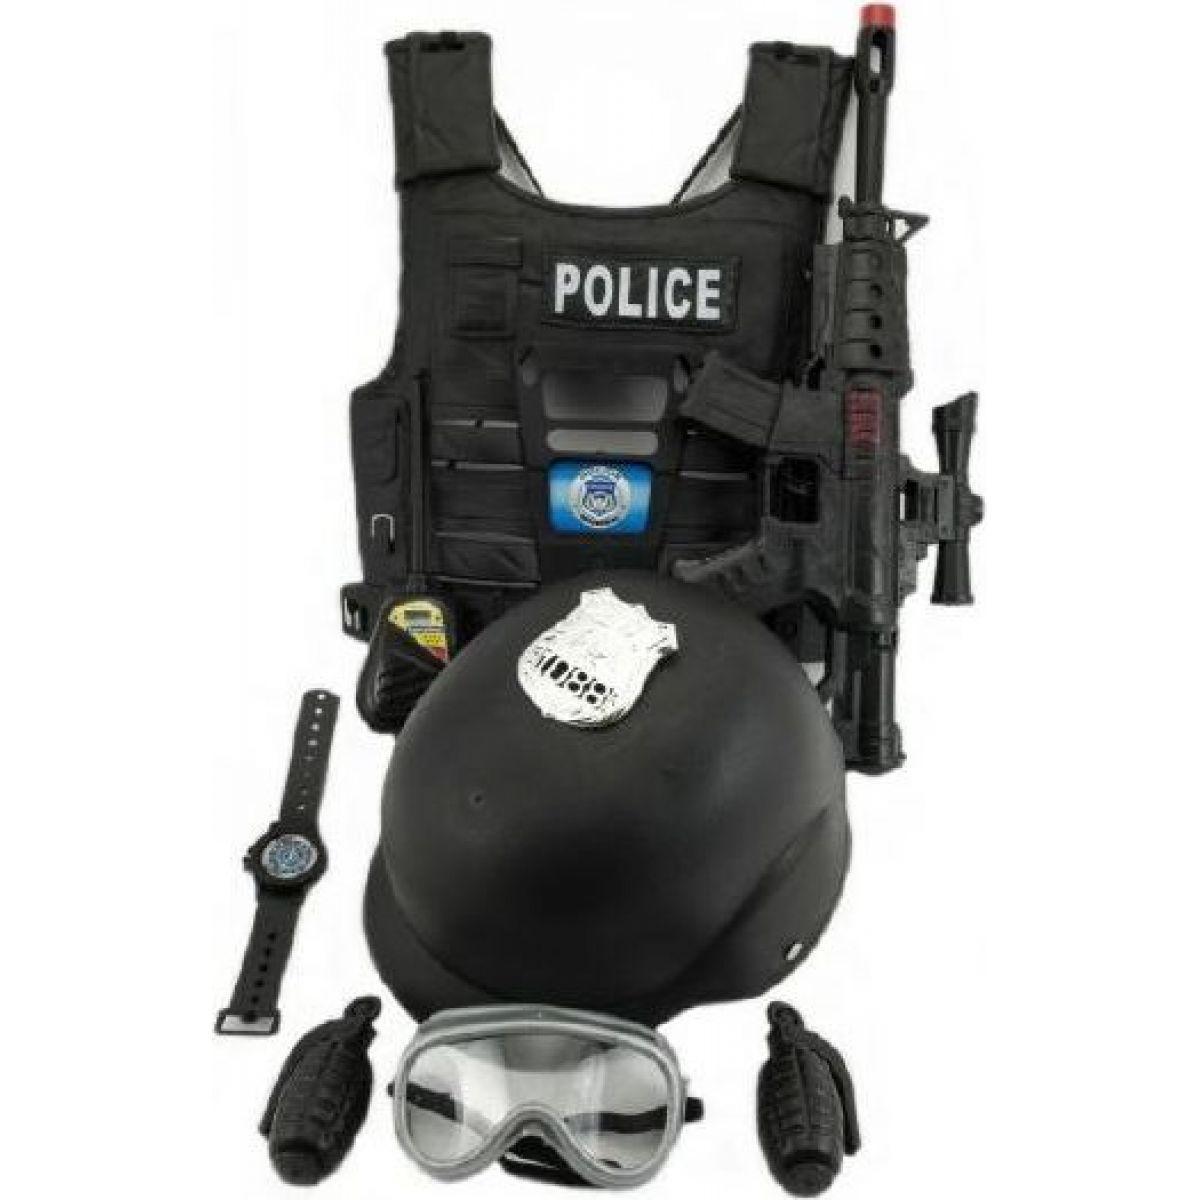 Sada policejní pistole a přilba s doplňky